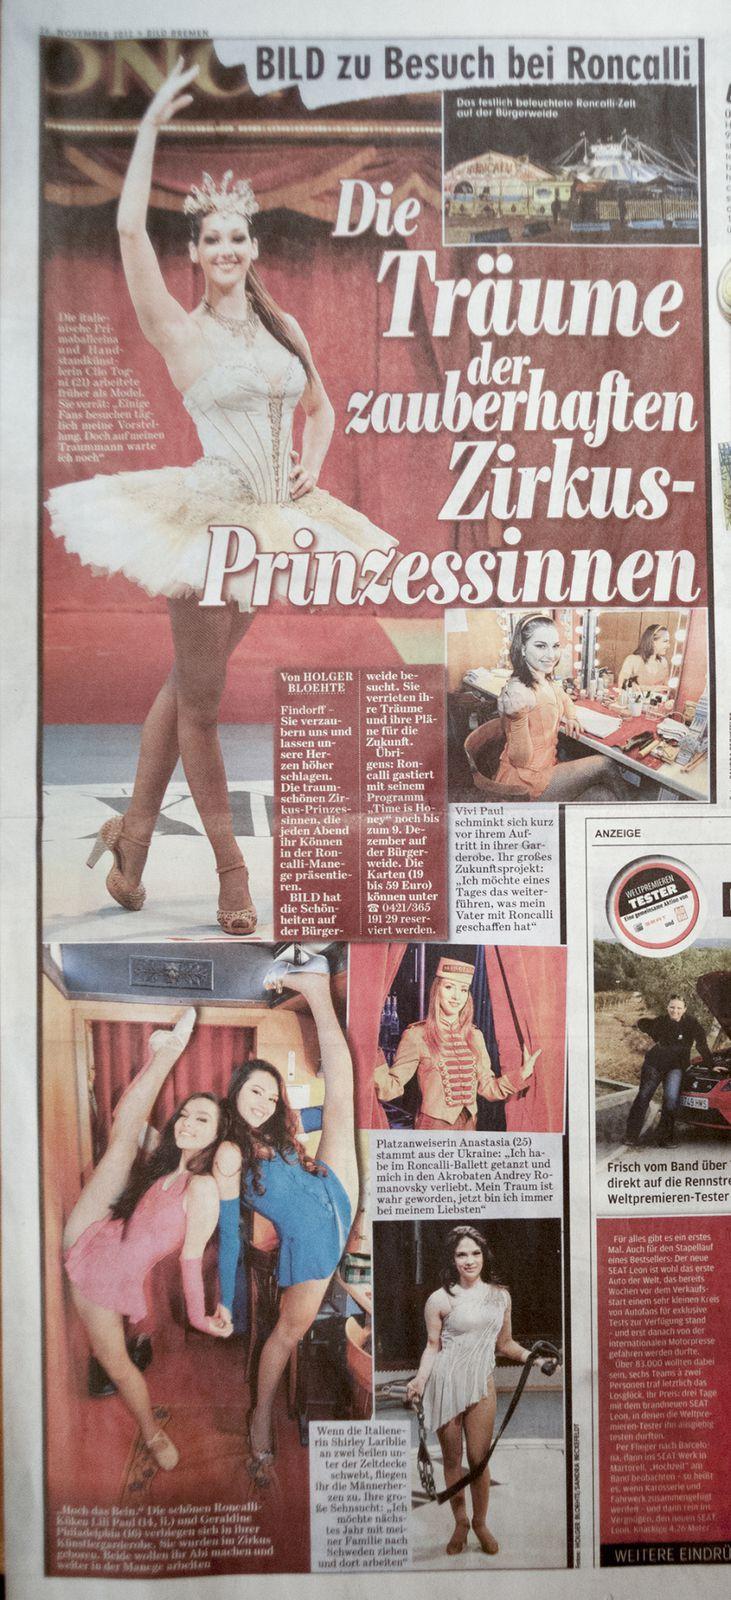 Bildzeitung, 26.11.2012